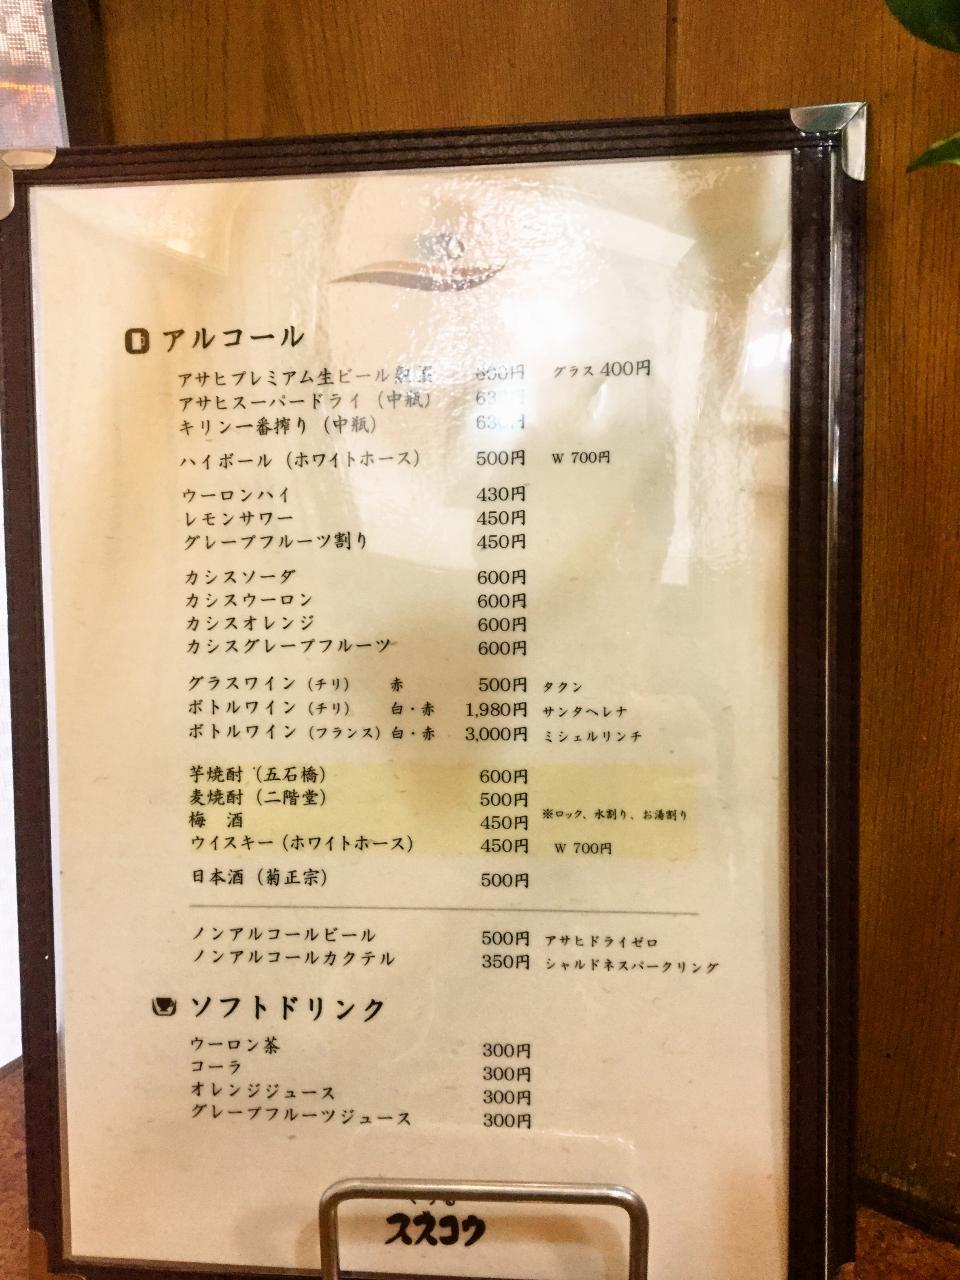 昔ながらの洋食屋 ぐりる スズコウ(メニュー)